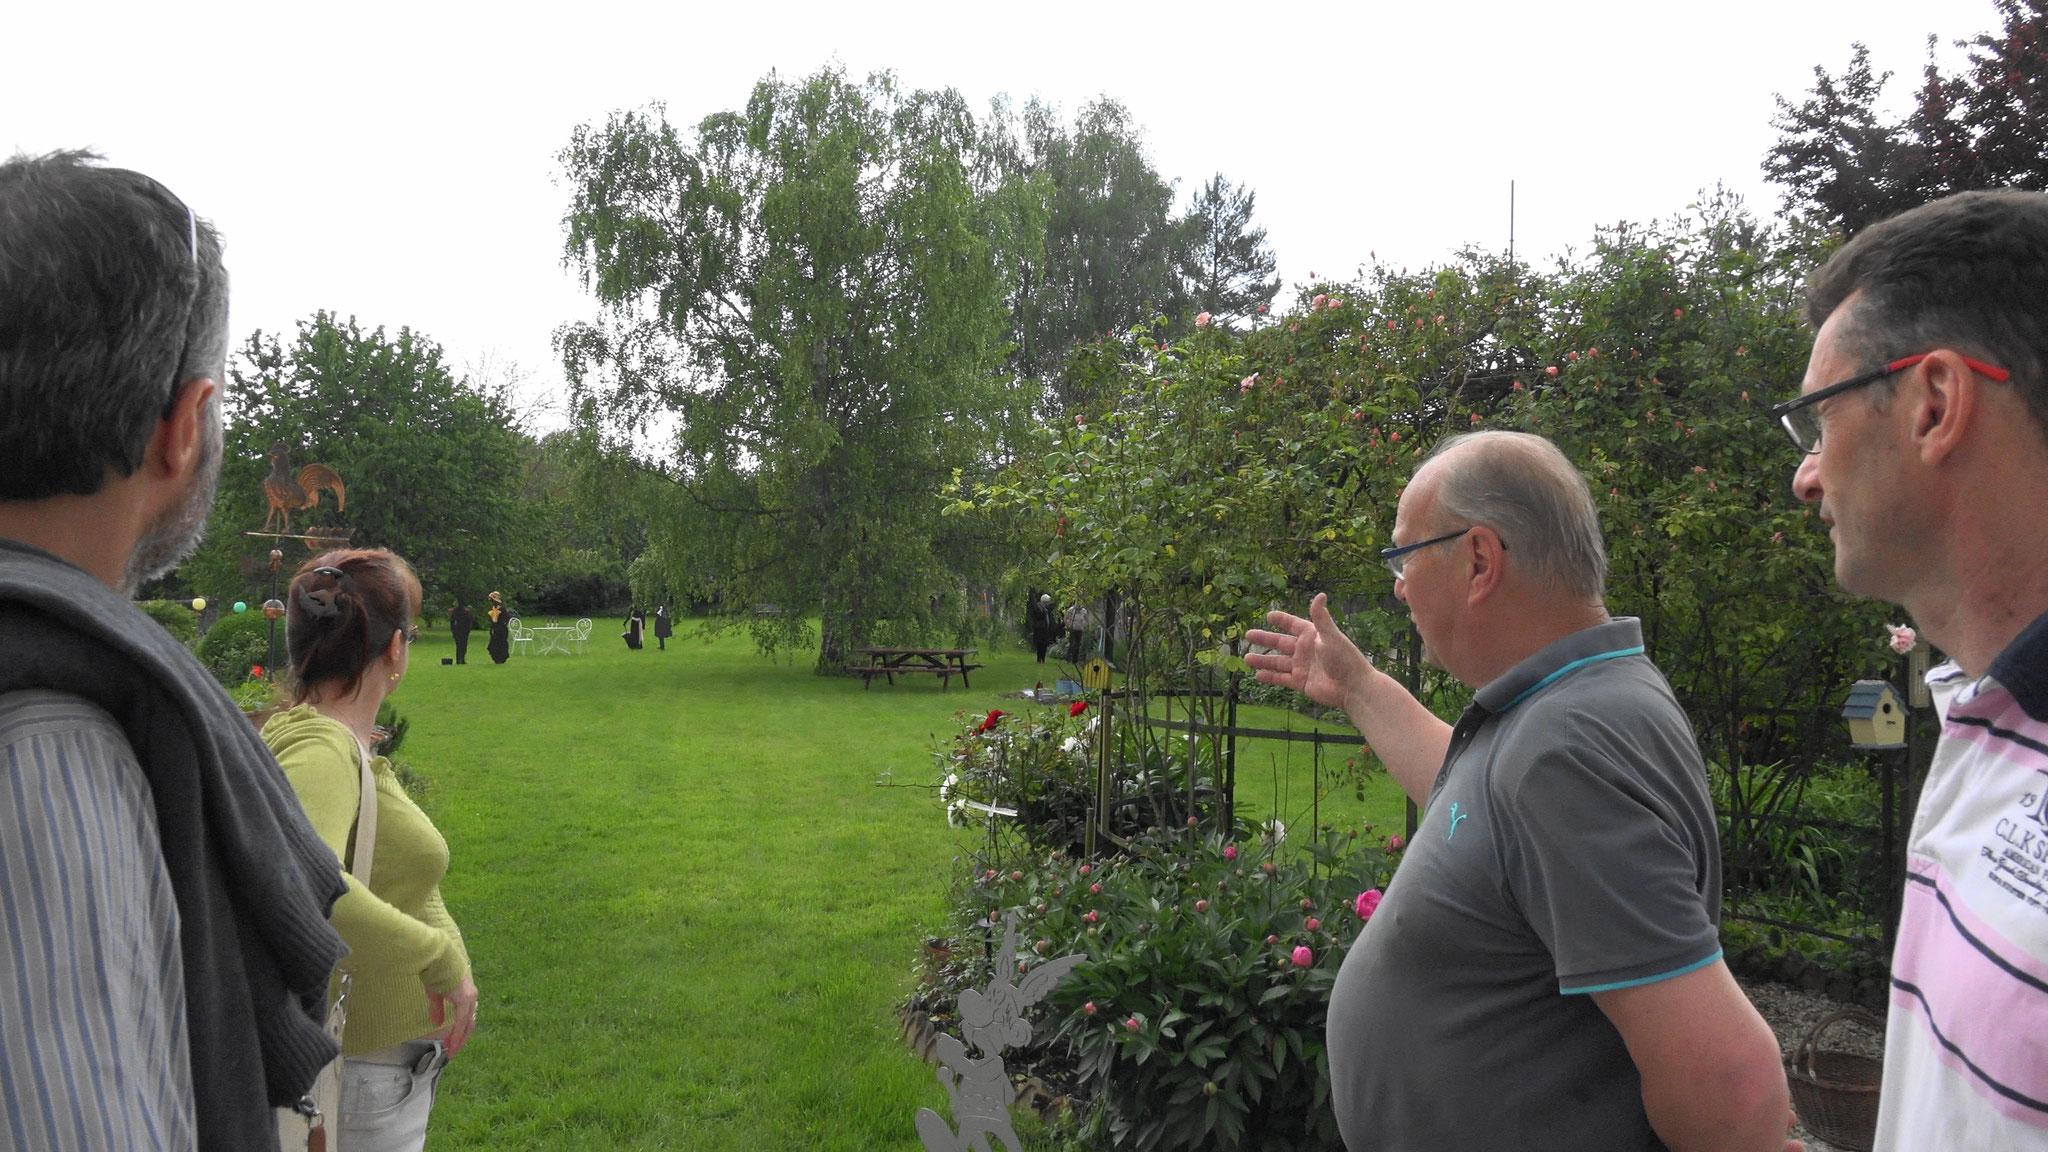 """Dans le cadre national des """"Rendez-vous aux jardins 2016"""", plusieurs condéens et condéennes ont fait découvrir leur jardin aux visiteurs."""